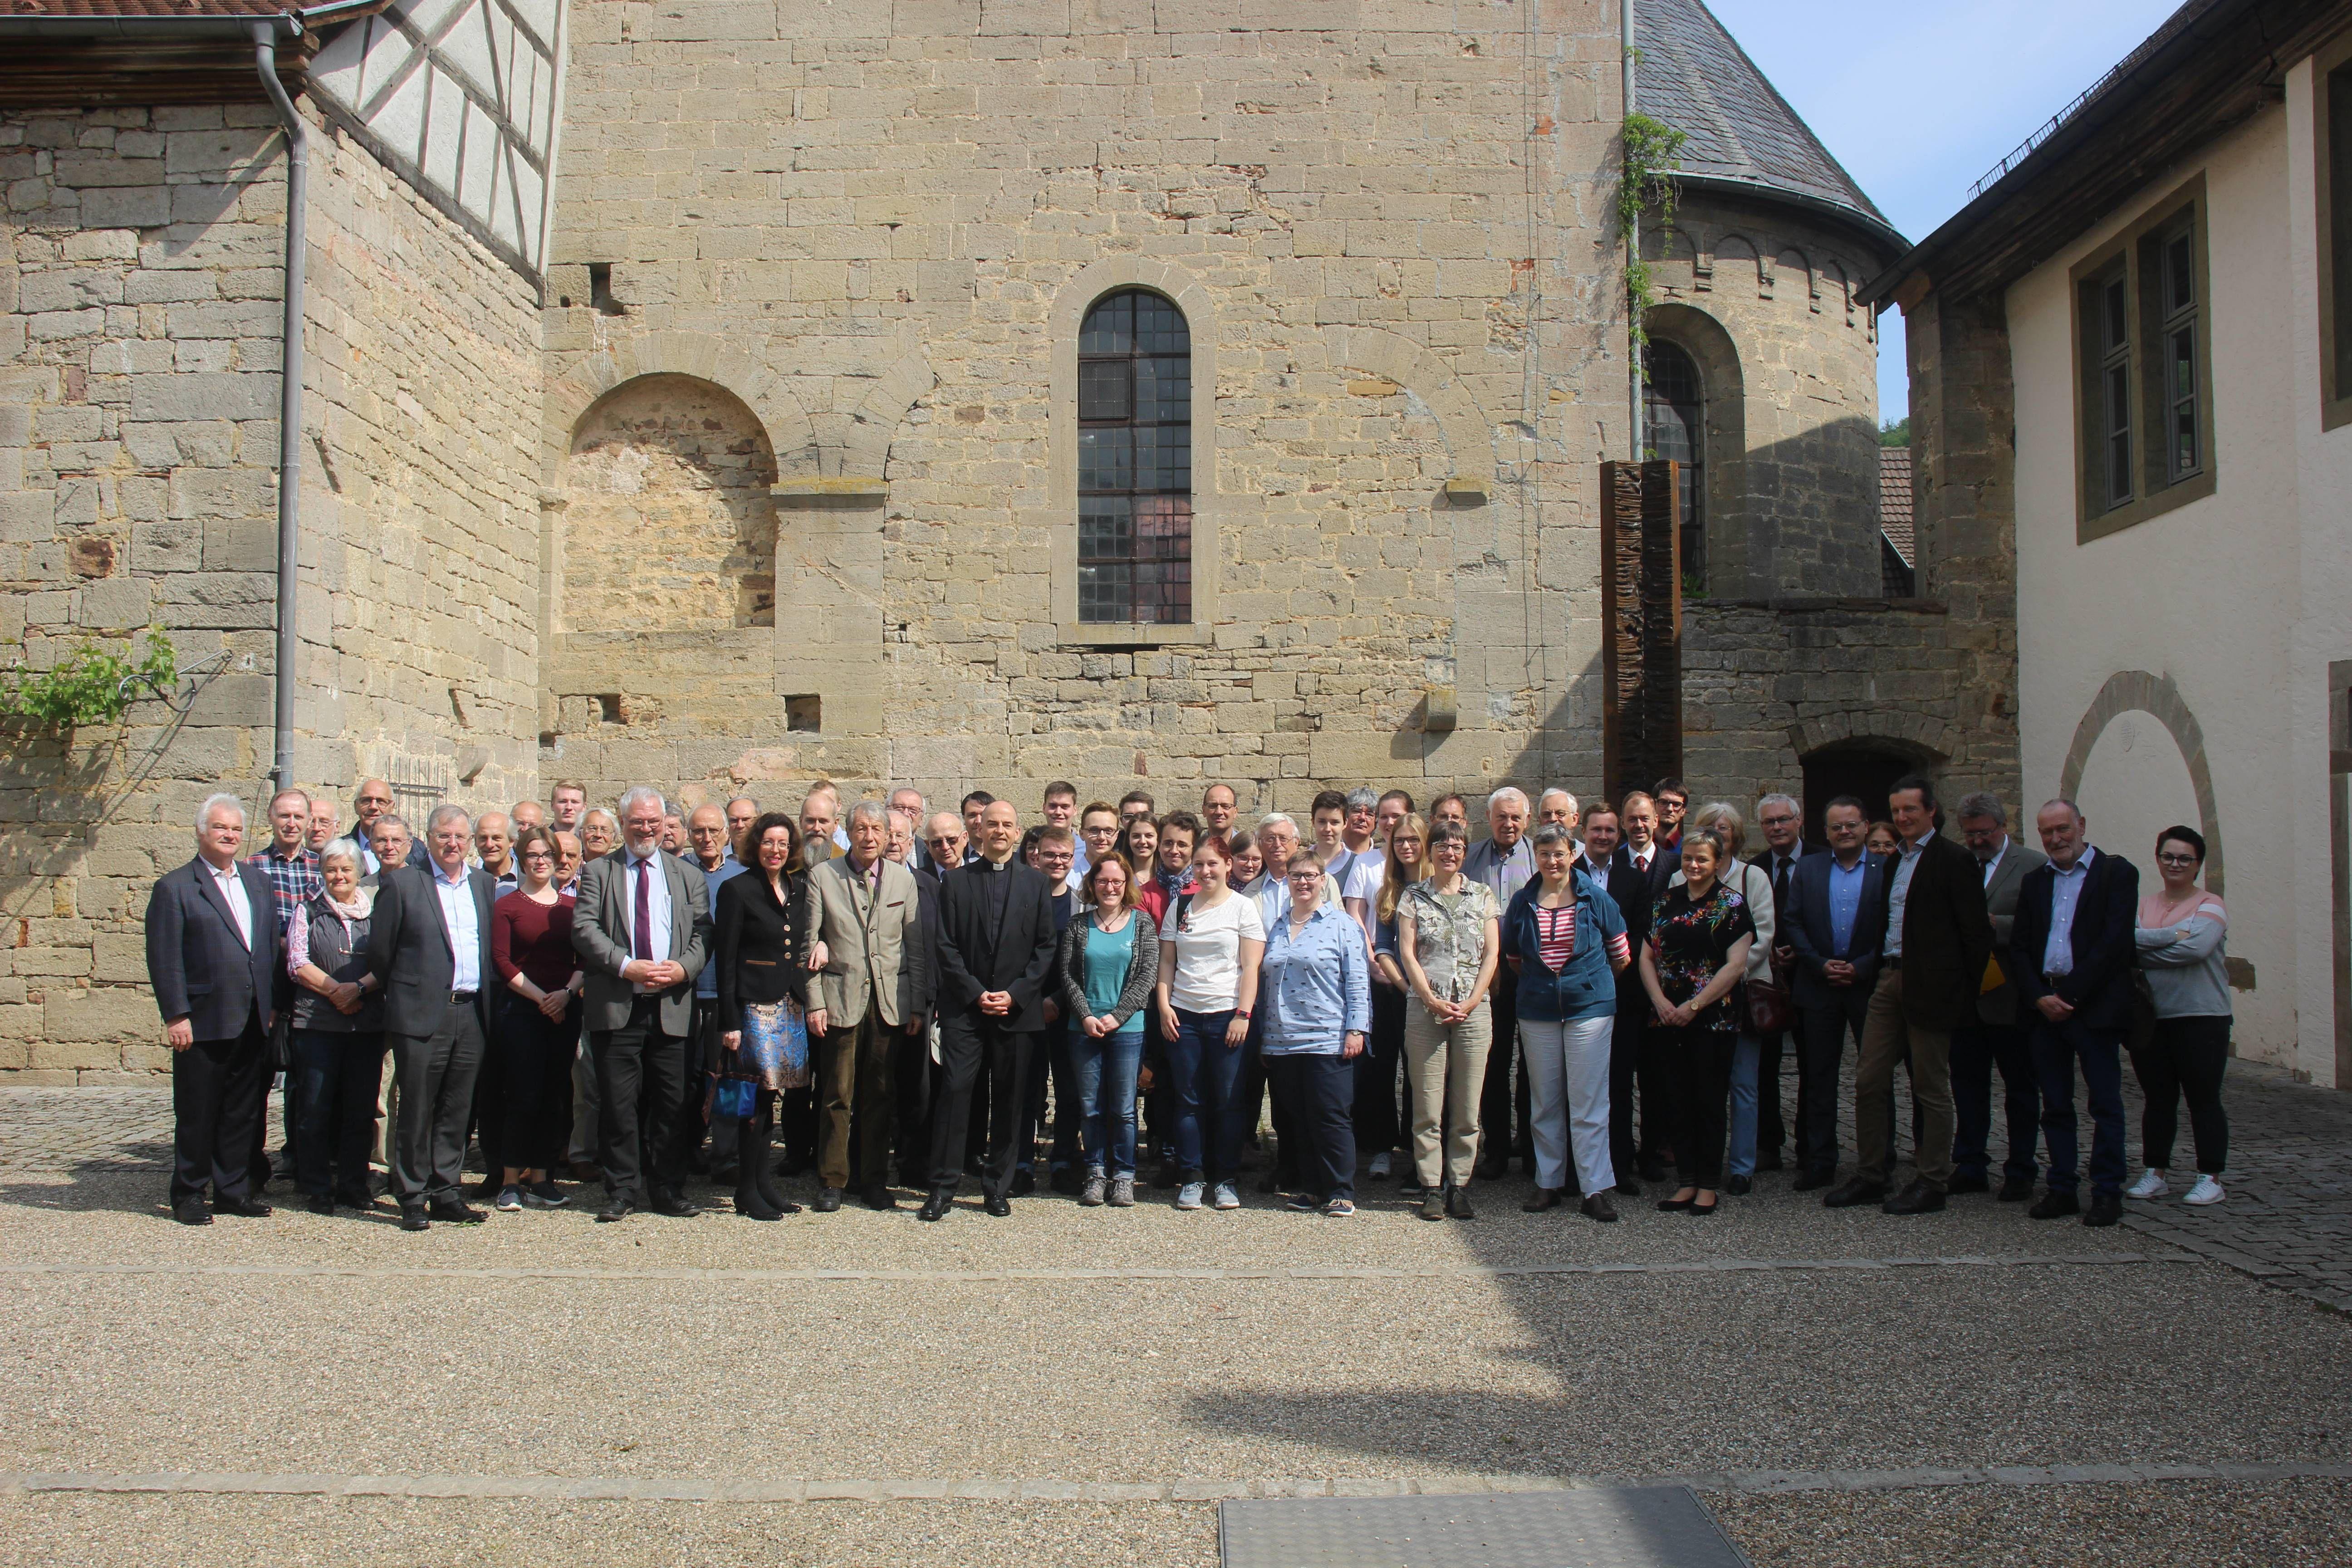 Gruppenbild der Historikertagung mit Bischof Franz (Mitte) im Innenhof des Klosters Wechterswinkel.